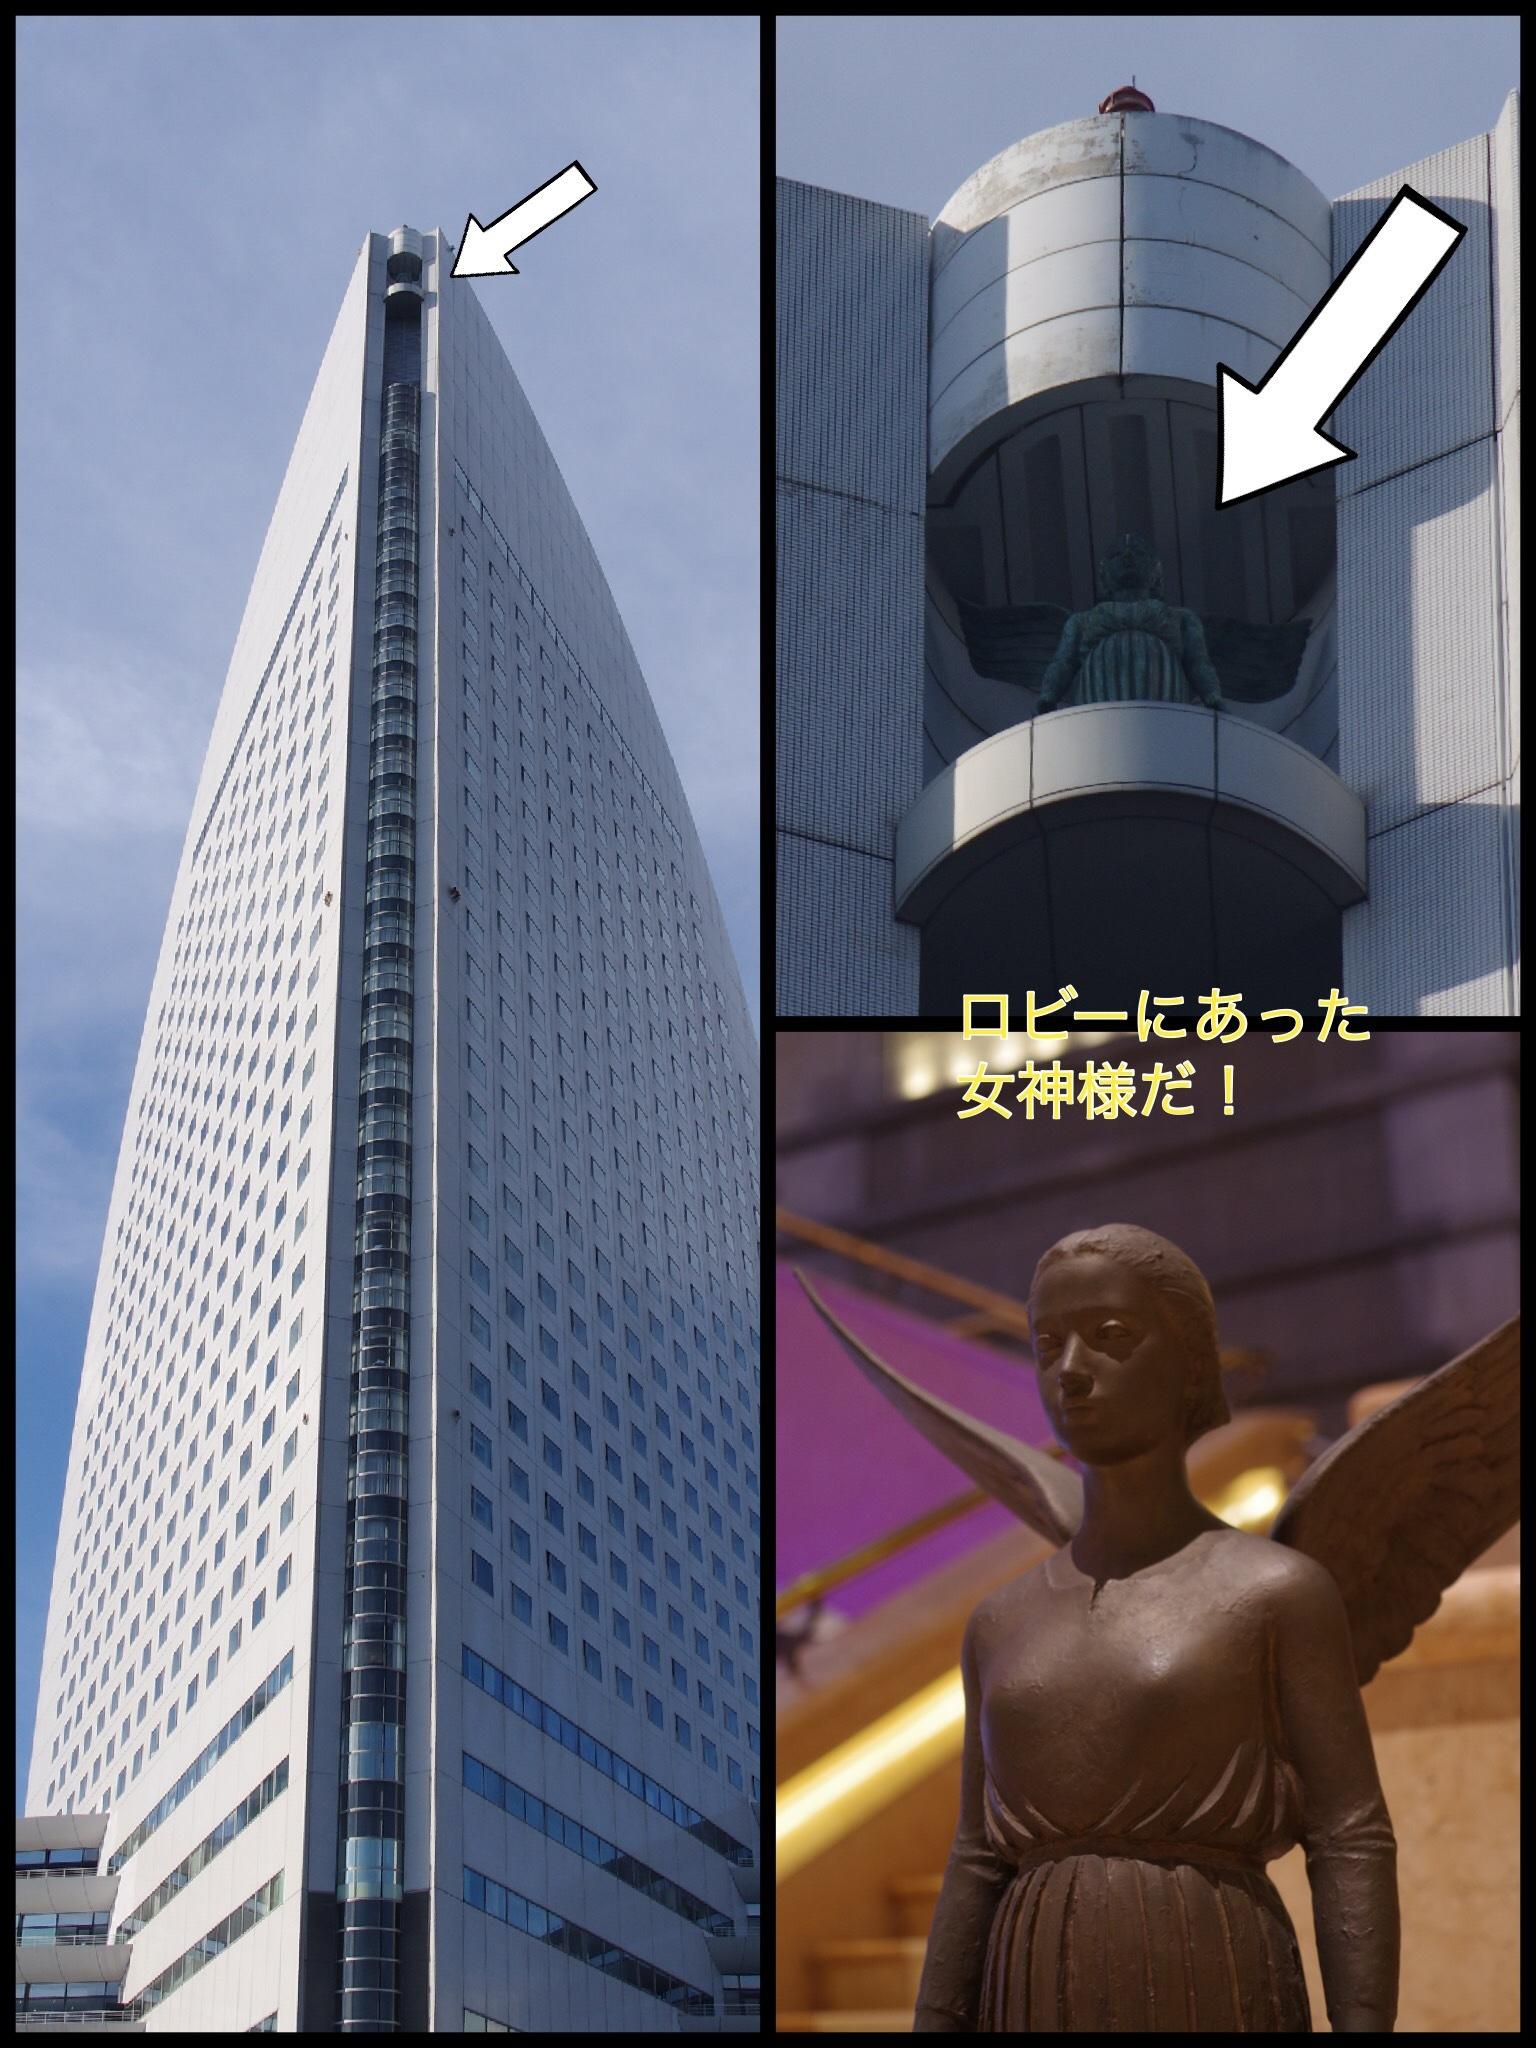 ヨコハマグランドインターコンチネンタルホテル intercontinental grand yokohama 観光船ルグランブルー